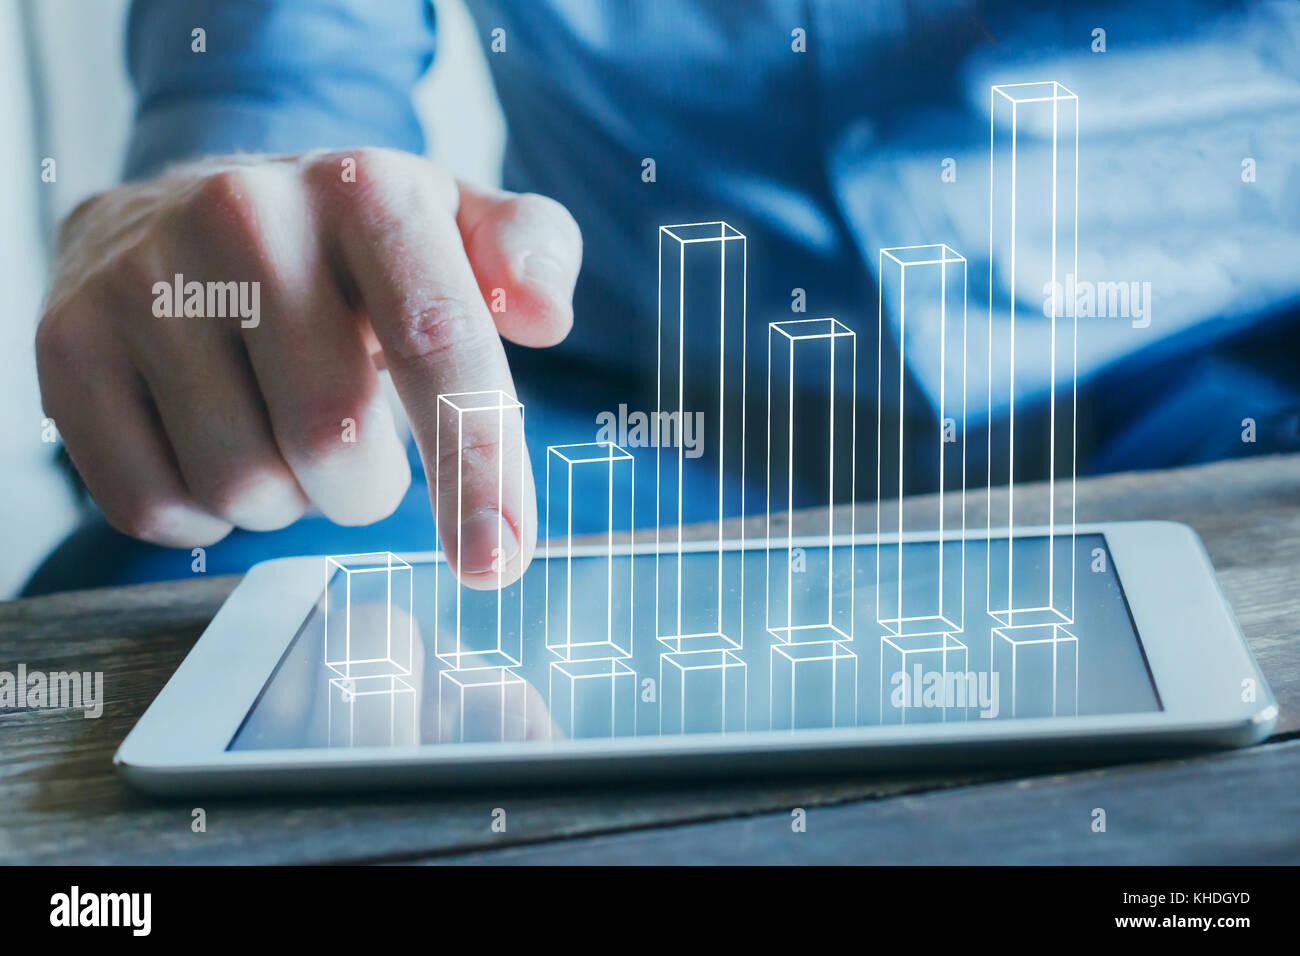 Business Analytics und finanzielle Konzept, 3d-Grafik aus dem Bildschirm der digitalen Tablet-PC Stockbild